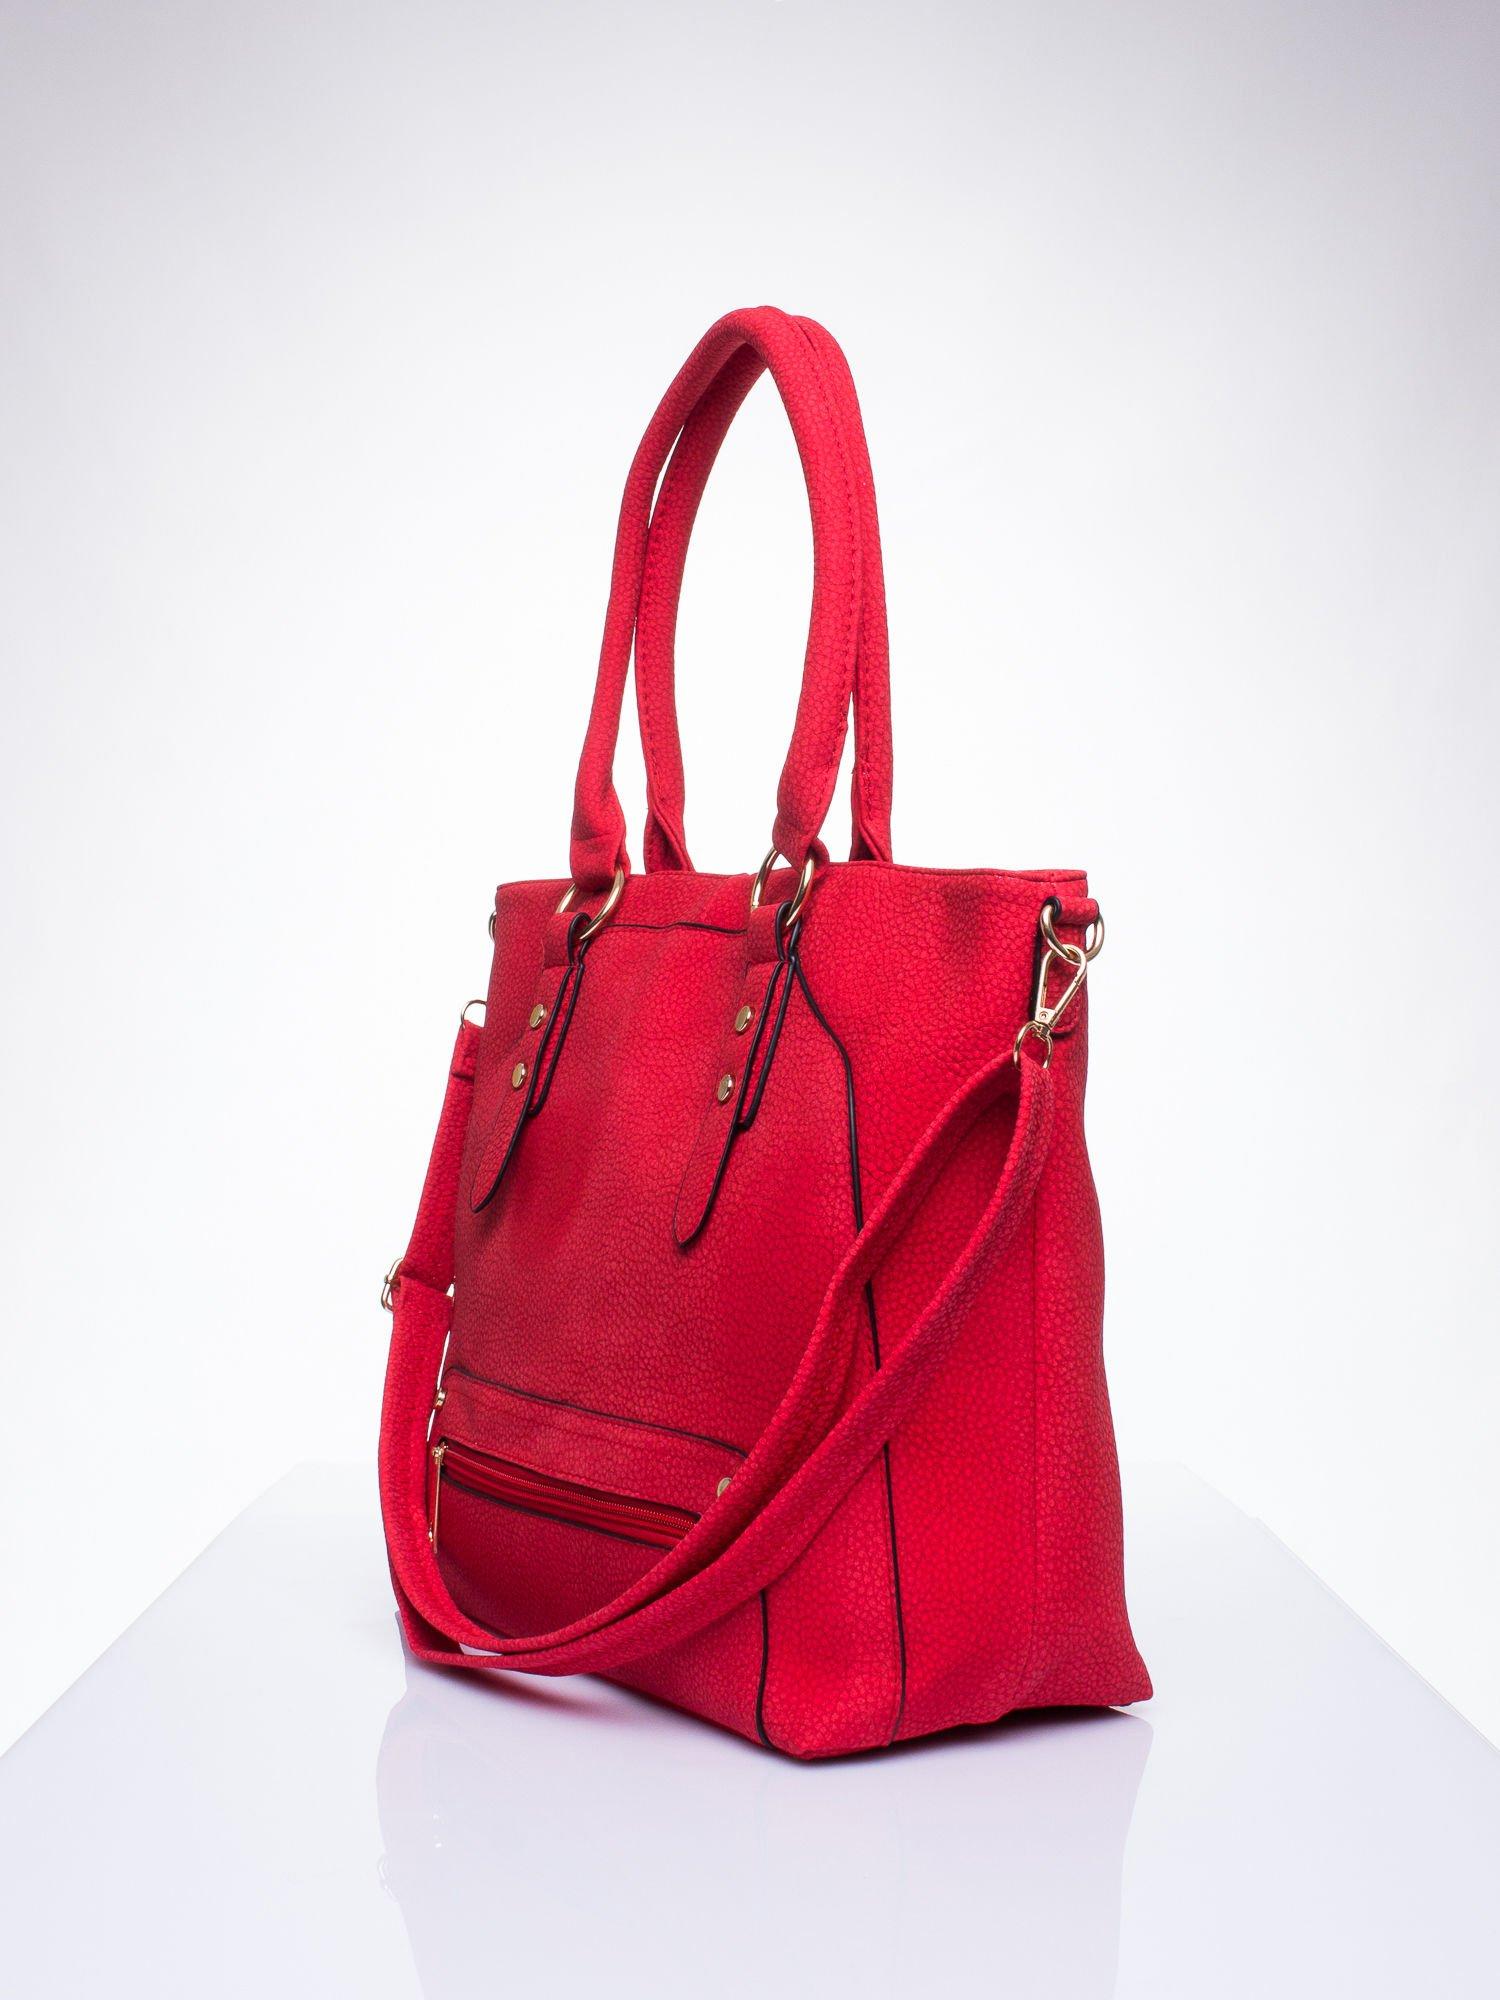 Czerwona torba shopper bag z suwakiem                                  zdj.                                  2